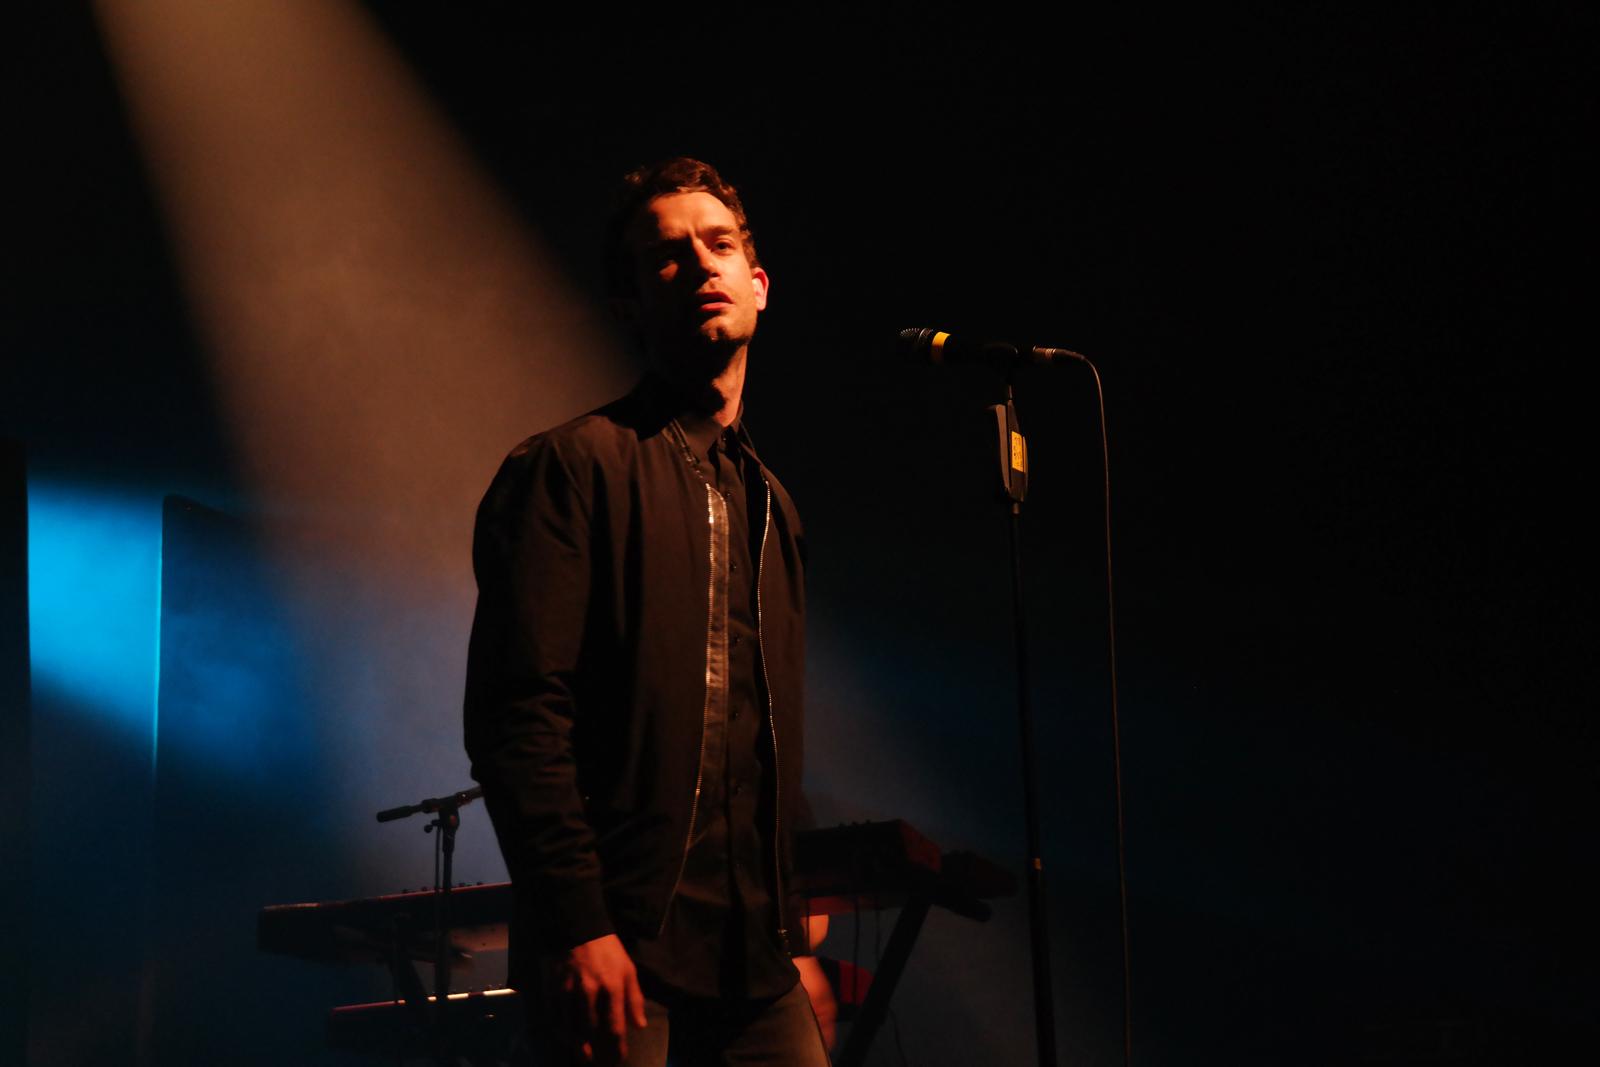 Marvin jouno chanteur concert live Printemps de Bourges 2016 festival musique album Intérieur Jour tour photo usofparis blog